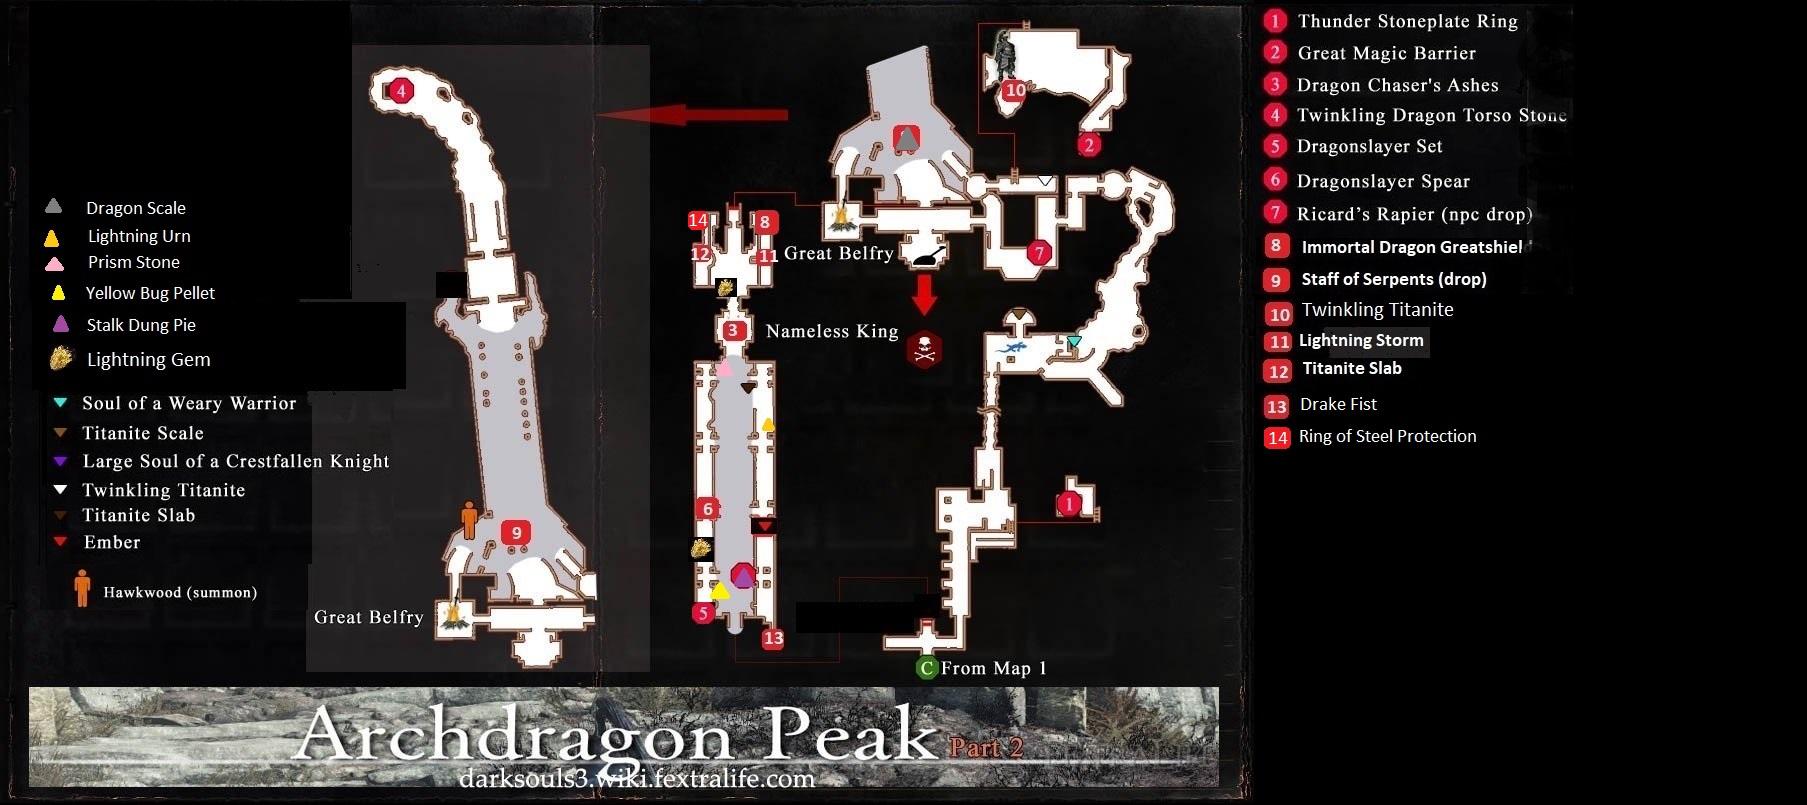 archdragon_peak_map2.jpg